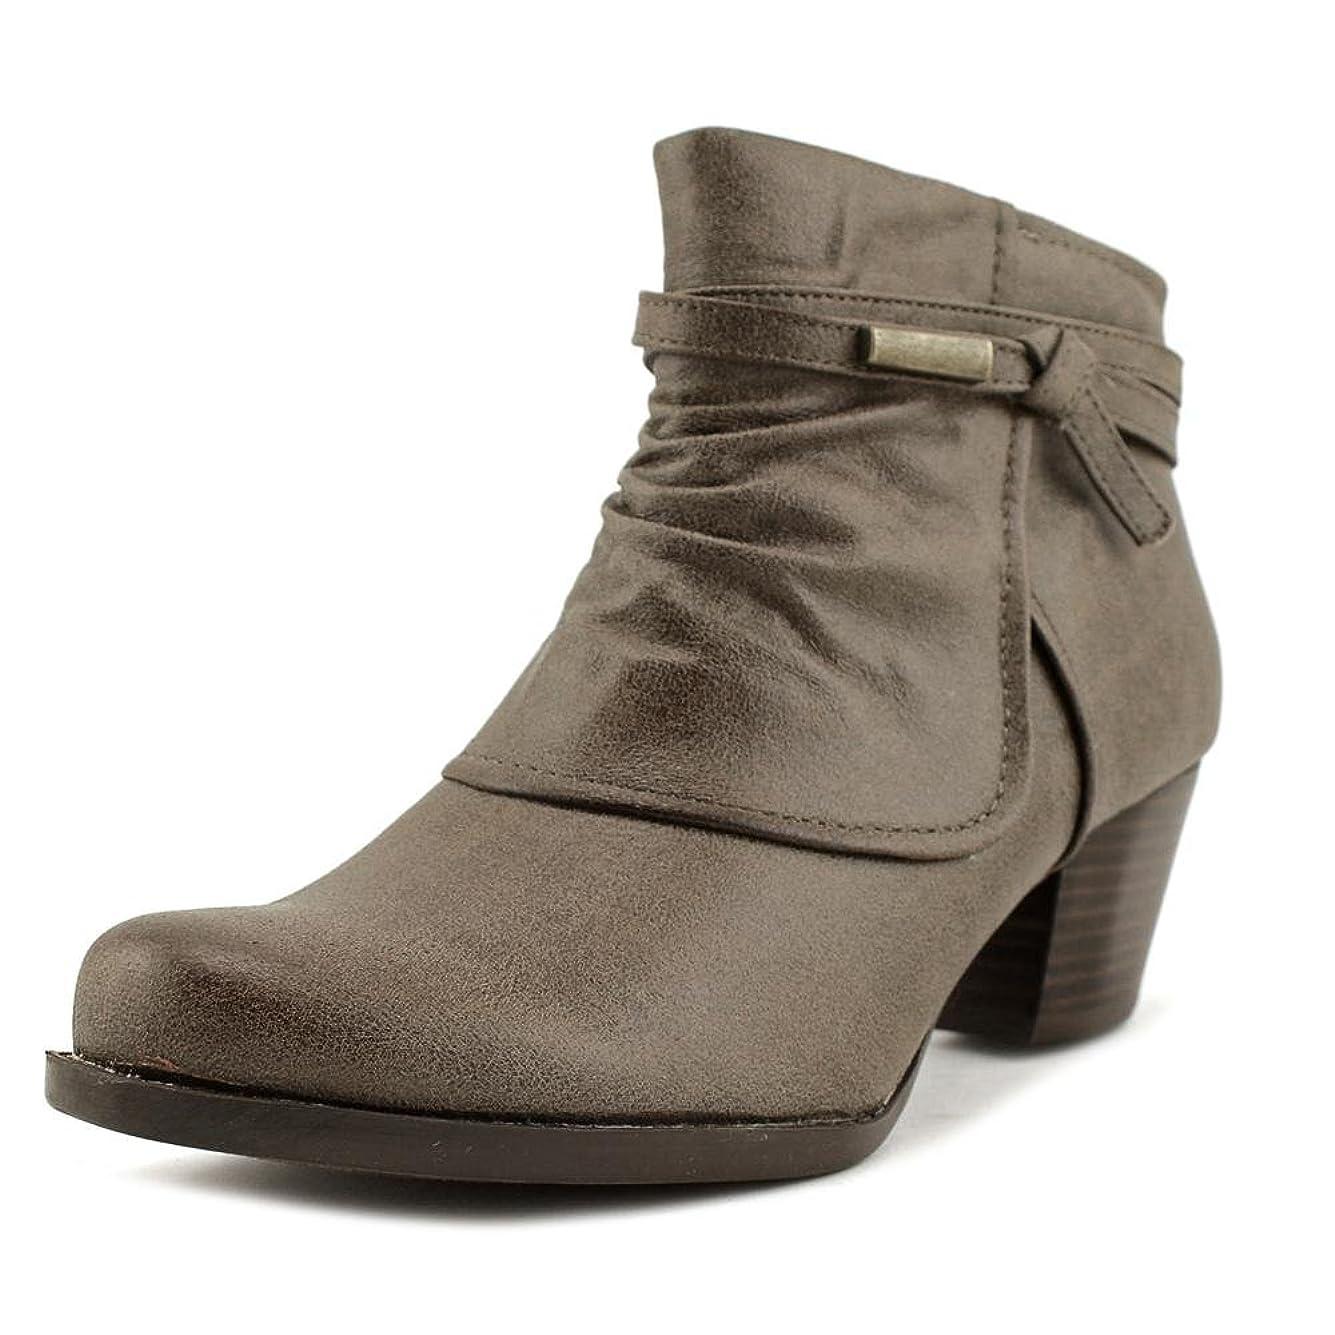 タイピスト八百屋聖歌Bare Traps Womens RHAPSODY Closed Toe Ankle Fashion Boots [並行輸入品]